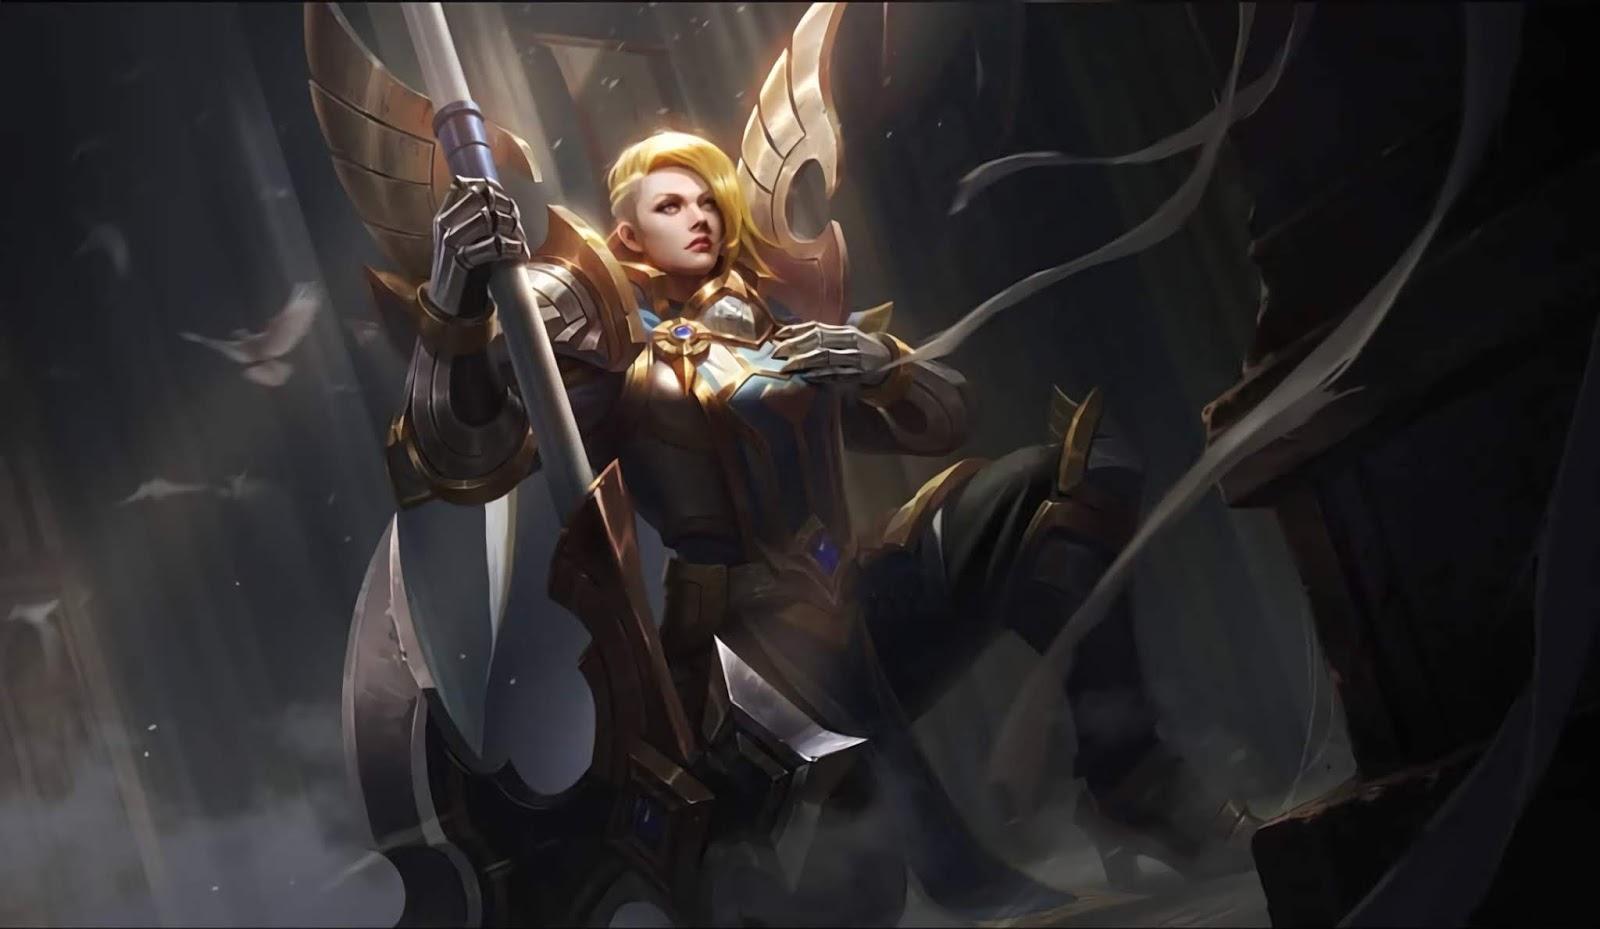 Wallpaper Hilda Sacred Guard Skin Mobile Legends HD for PC